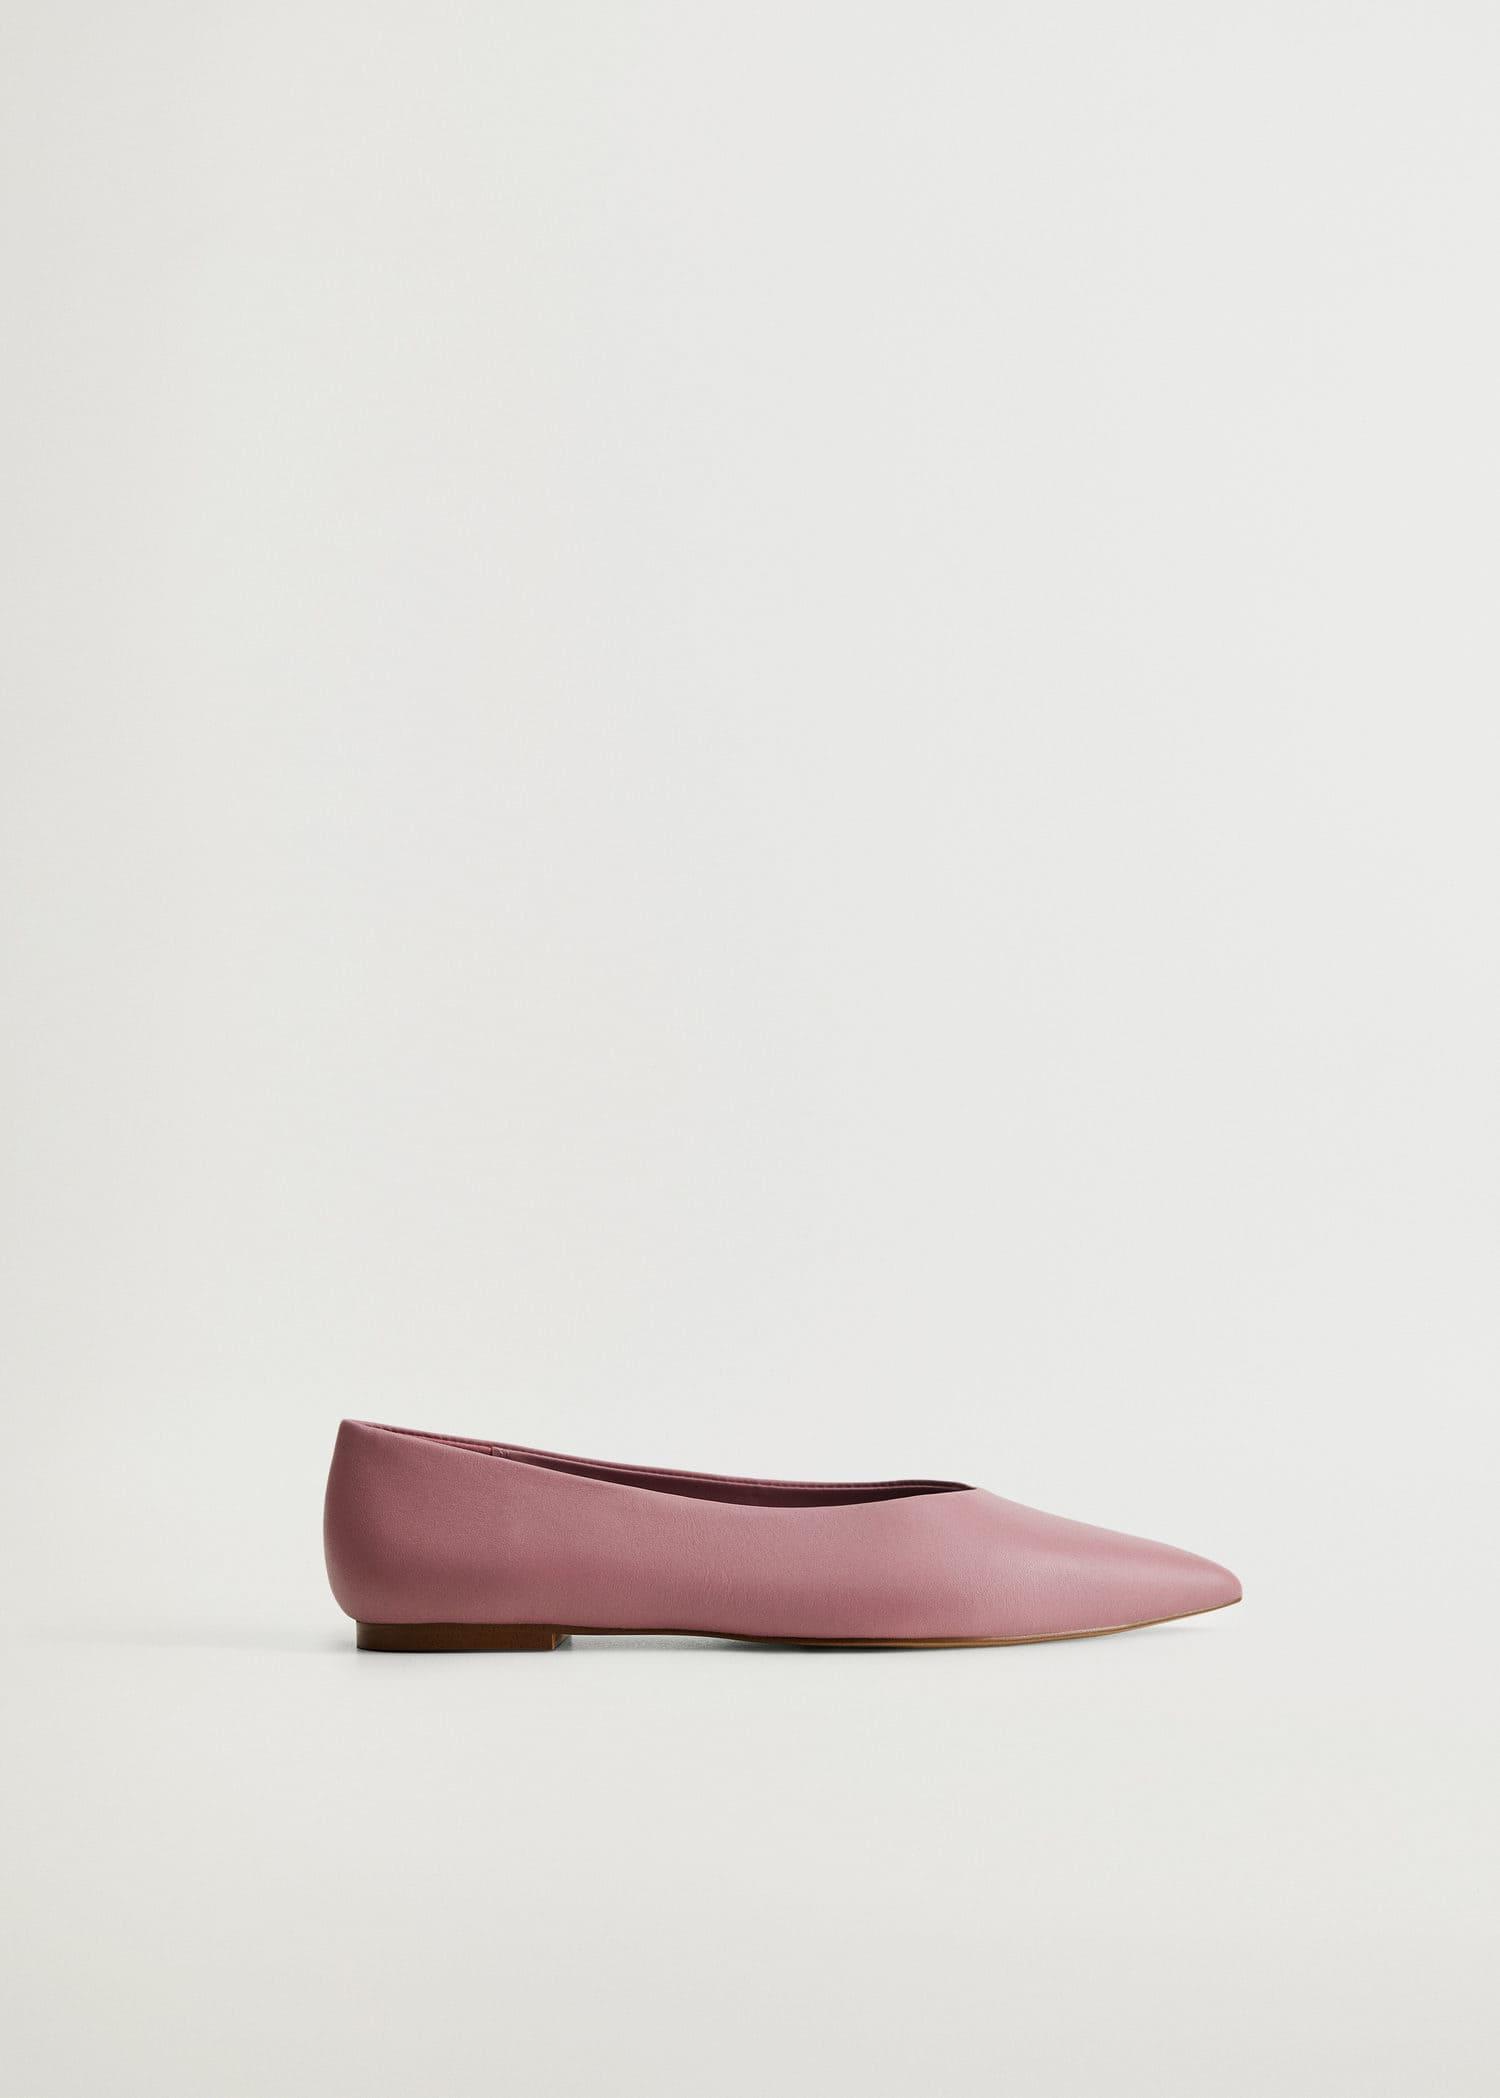 Flate sko med spiss tå Damer   OUTLET Norge